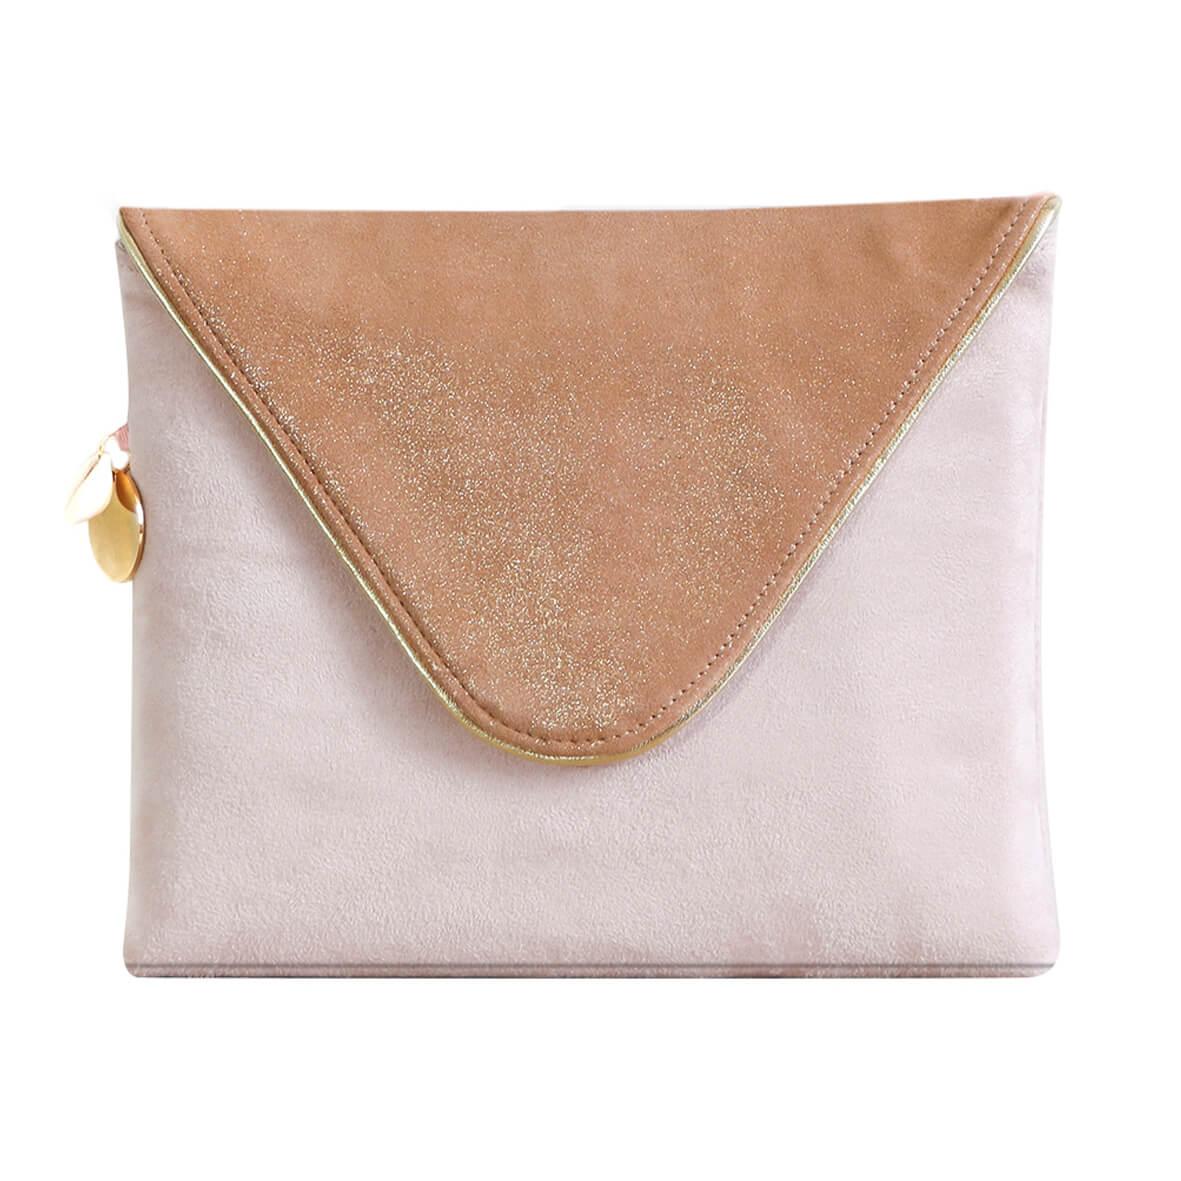 Cénélia - Pochette en cuir rose Lola - pochette mariage - pochette cérémonie - pochette femme soirée